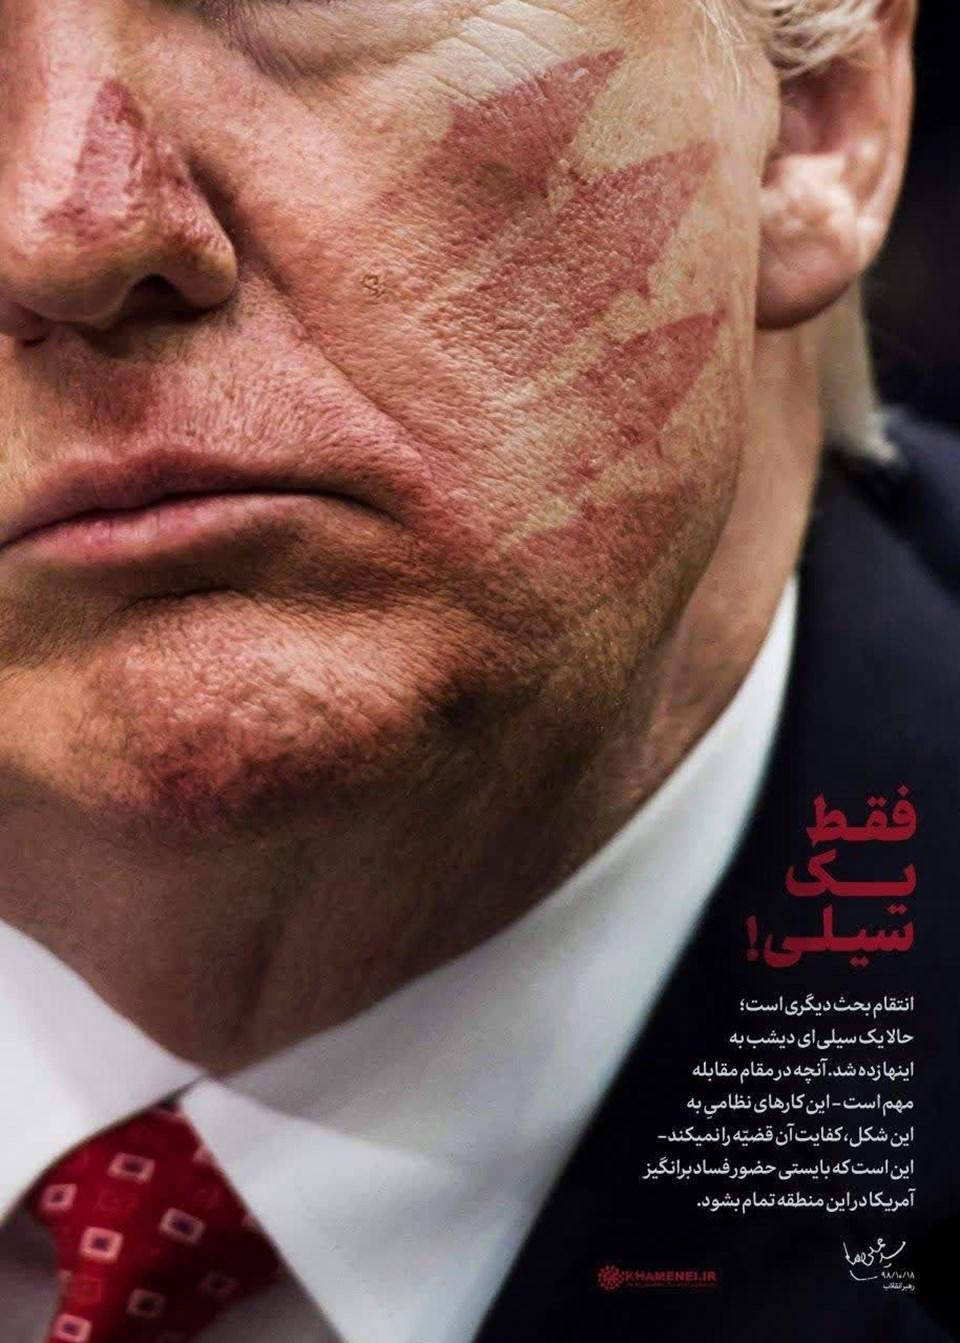 İran dini lideri Ali Hamaney Farsça'daki resmi internet sayfasında paylaştığı fotoğrafta Trump'ın yüzünde İran'ın balistik füzelerini çağrıştıran tokat izi bulunuyor.